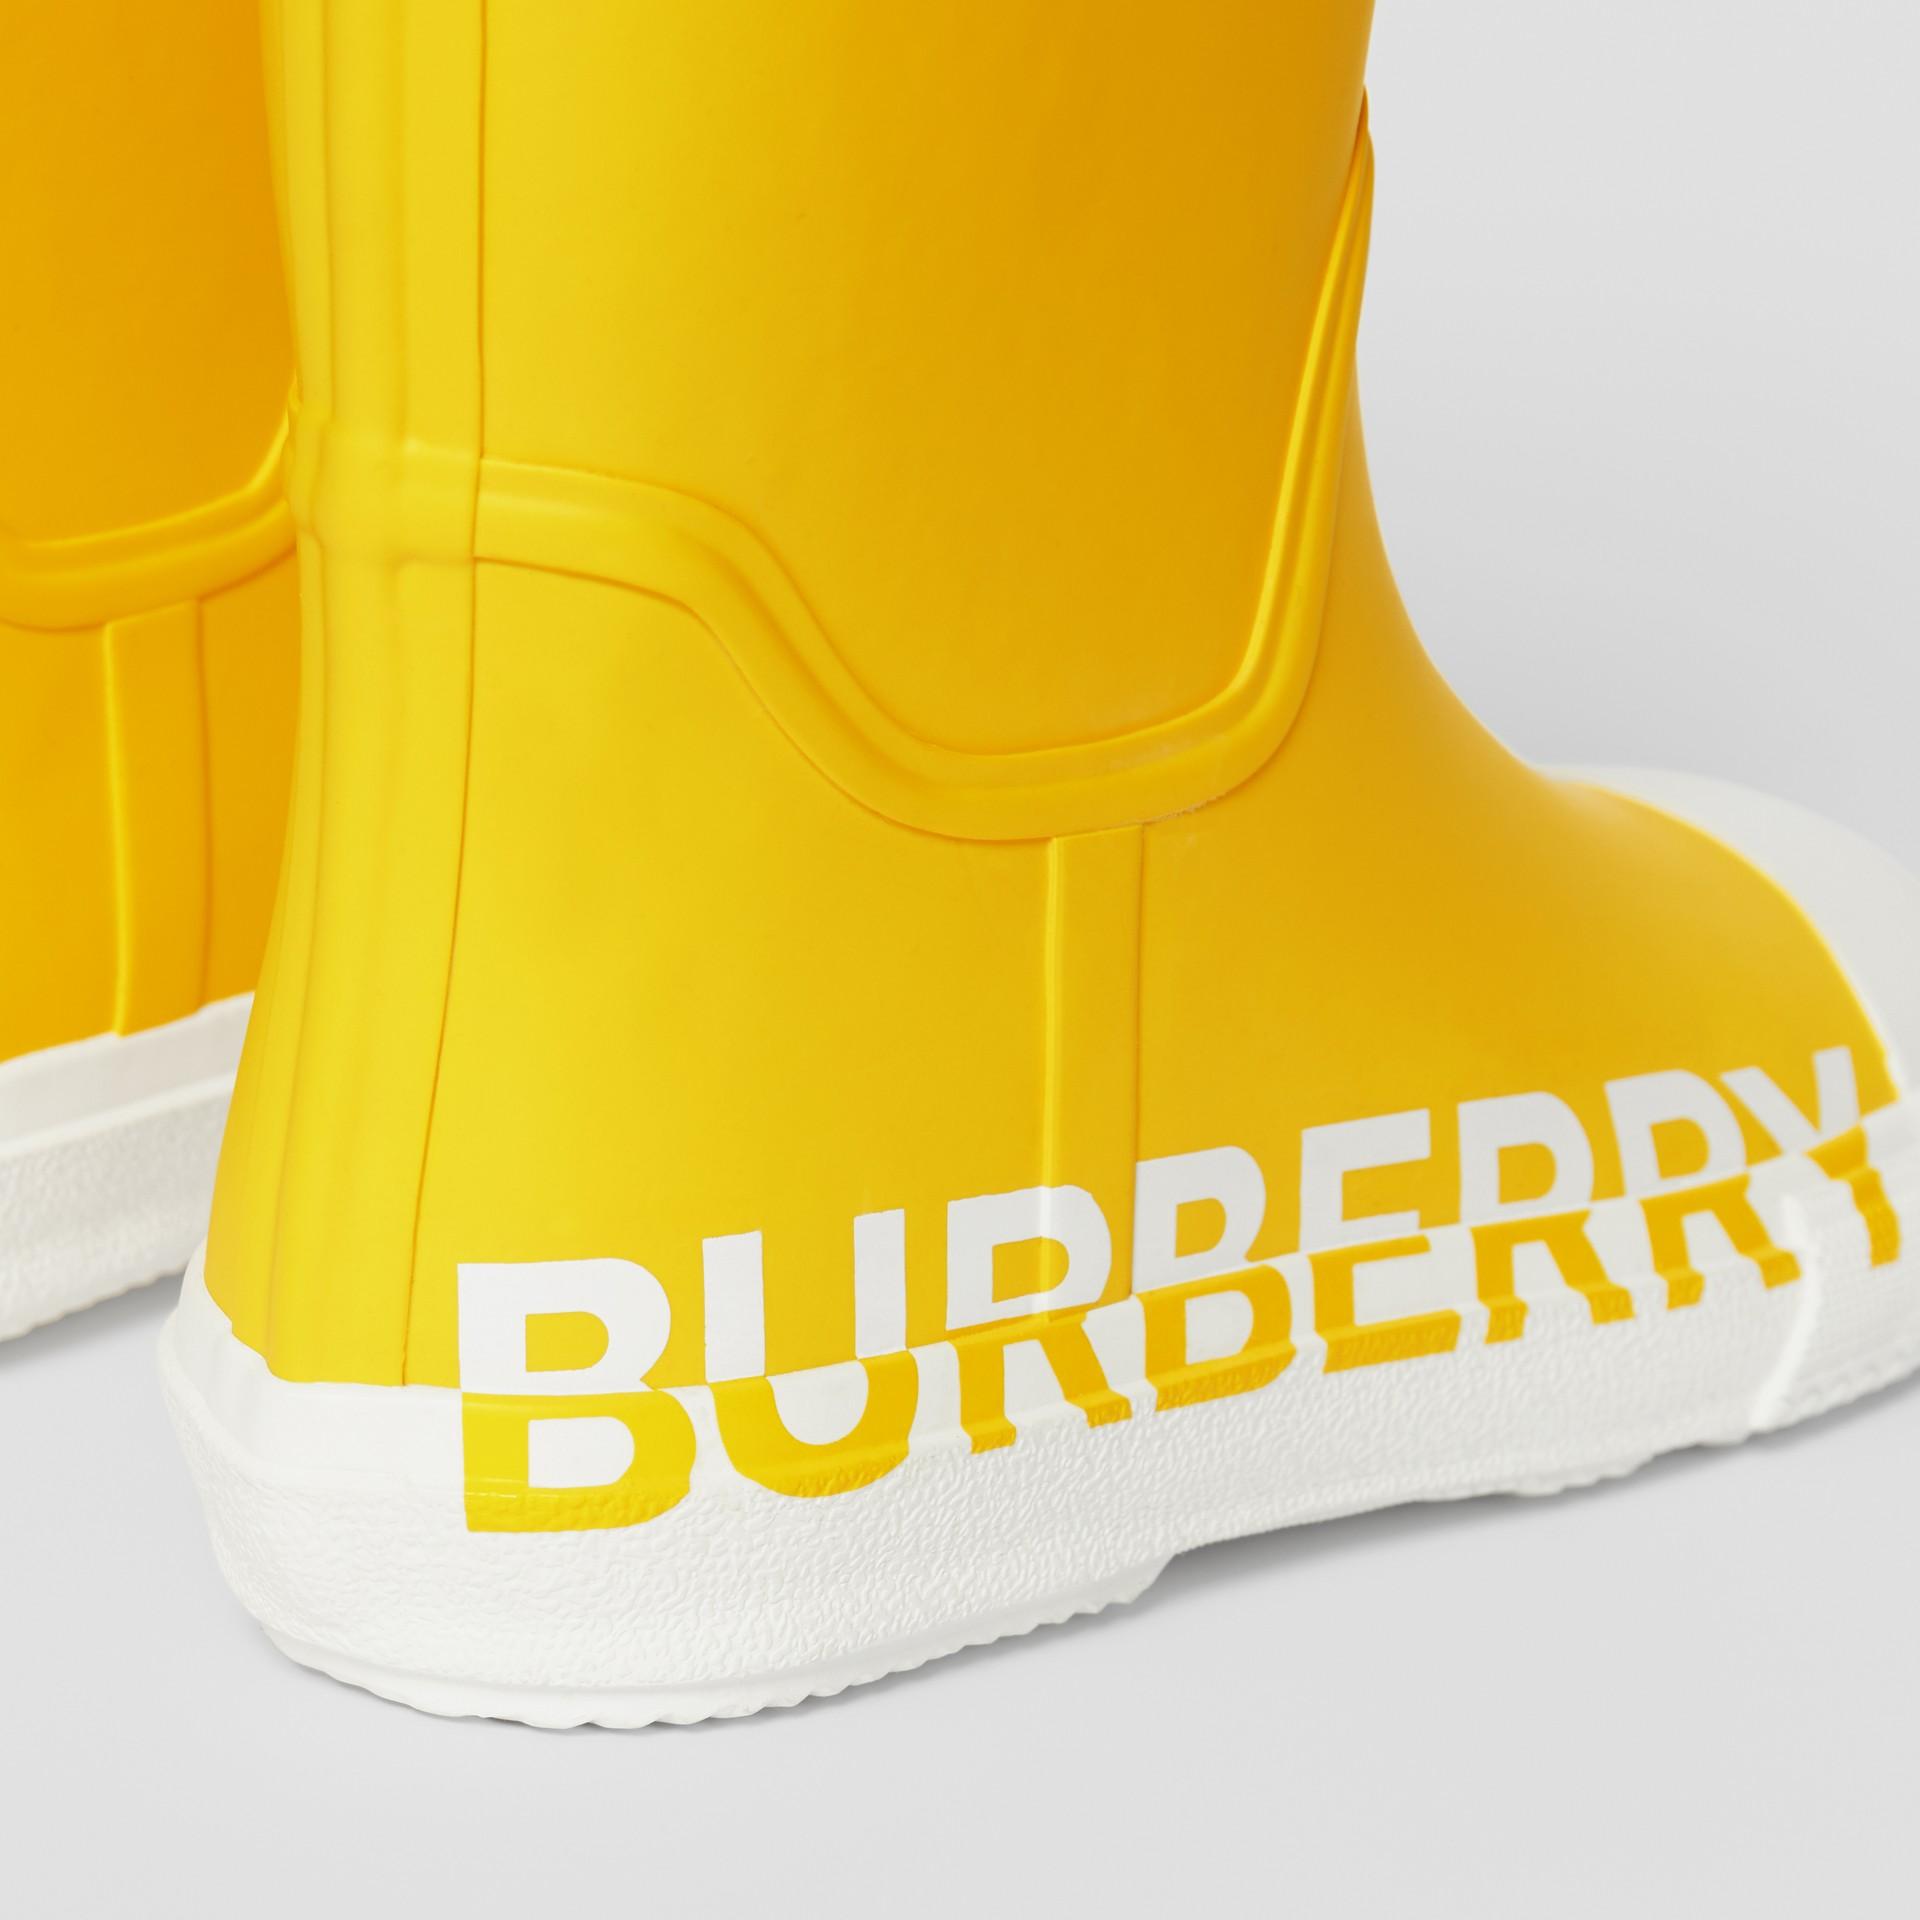 Двухцветные резиновые сапоги с логотипом (Канареечно-желтый) - Для детей | Burberry - изображение 1